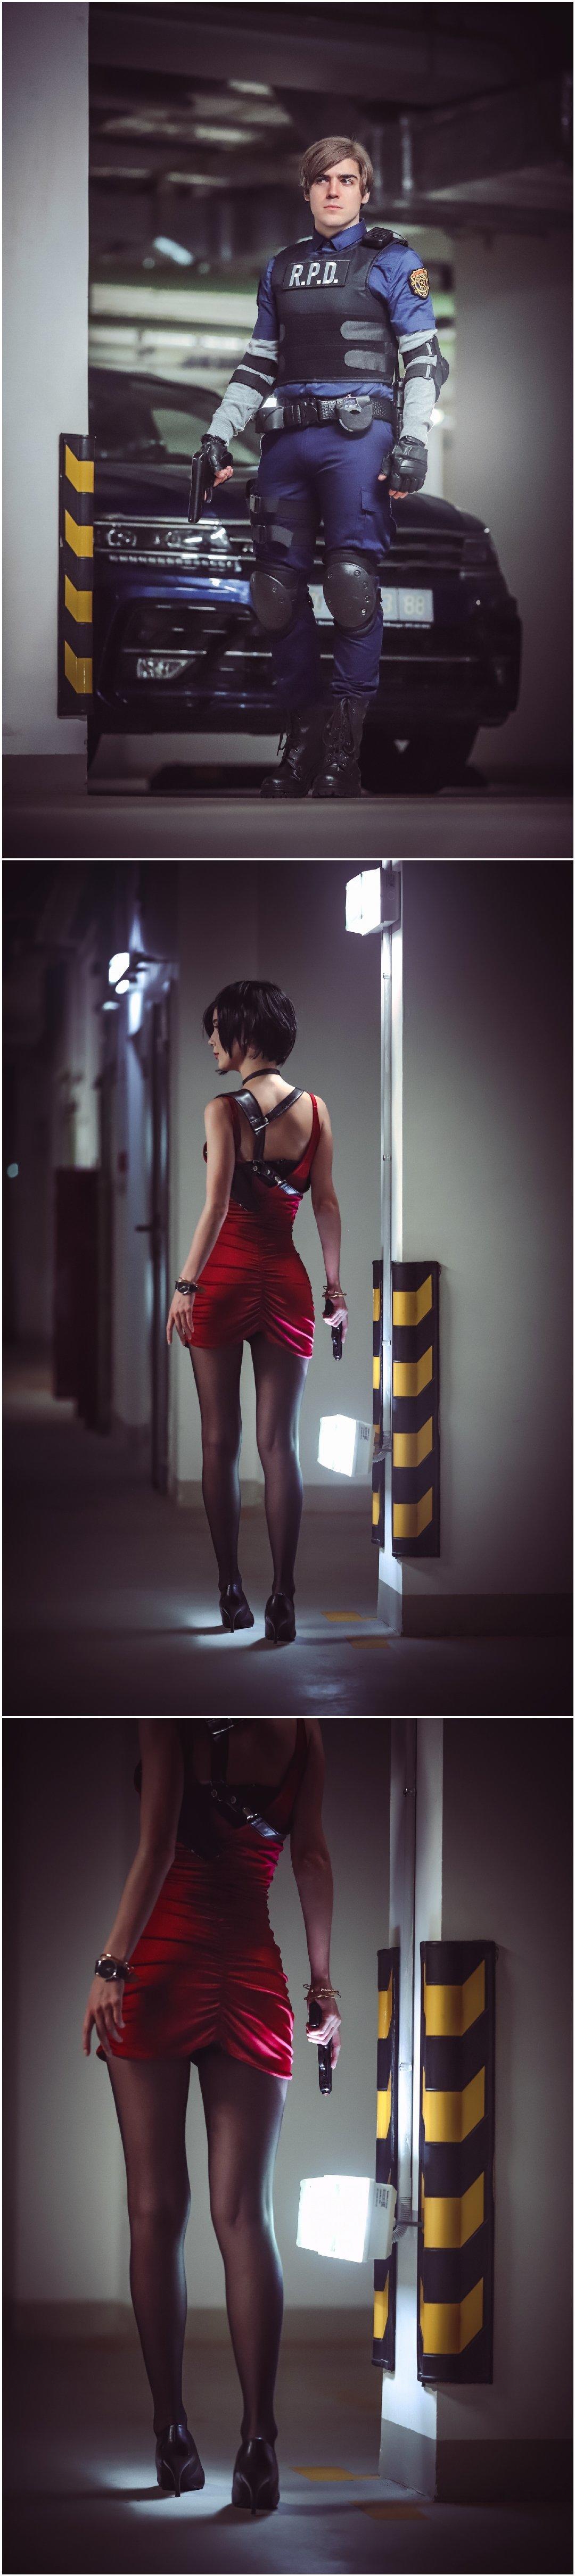 《生化危机2 》艾达王、里昂的出镜 男人文娱 热图2